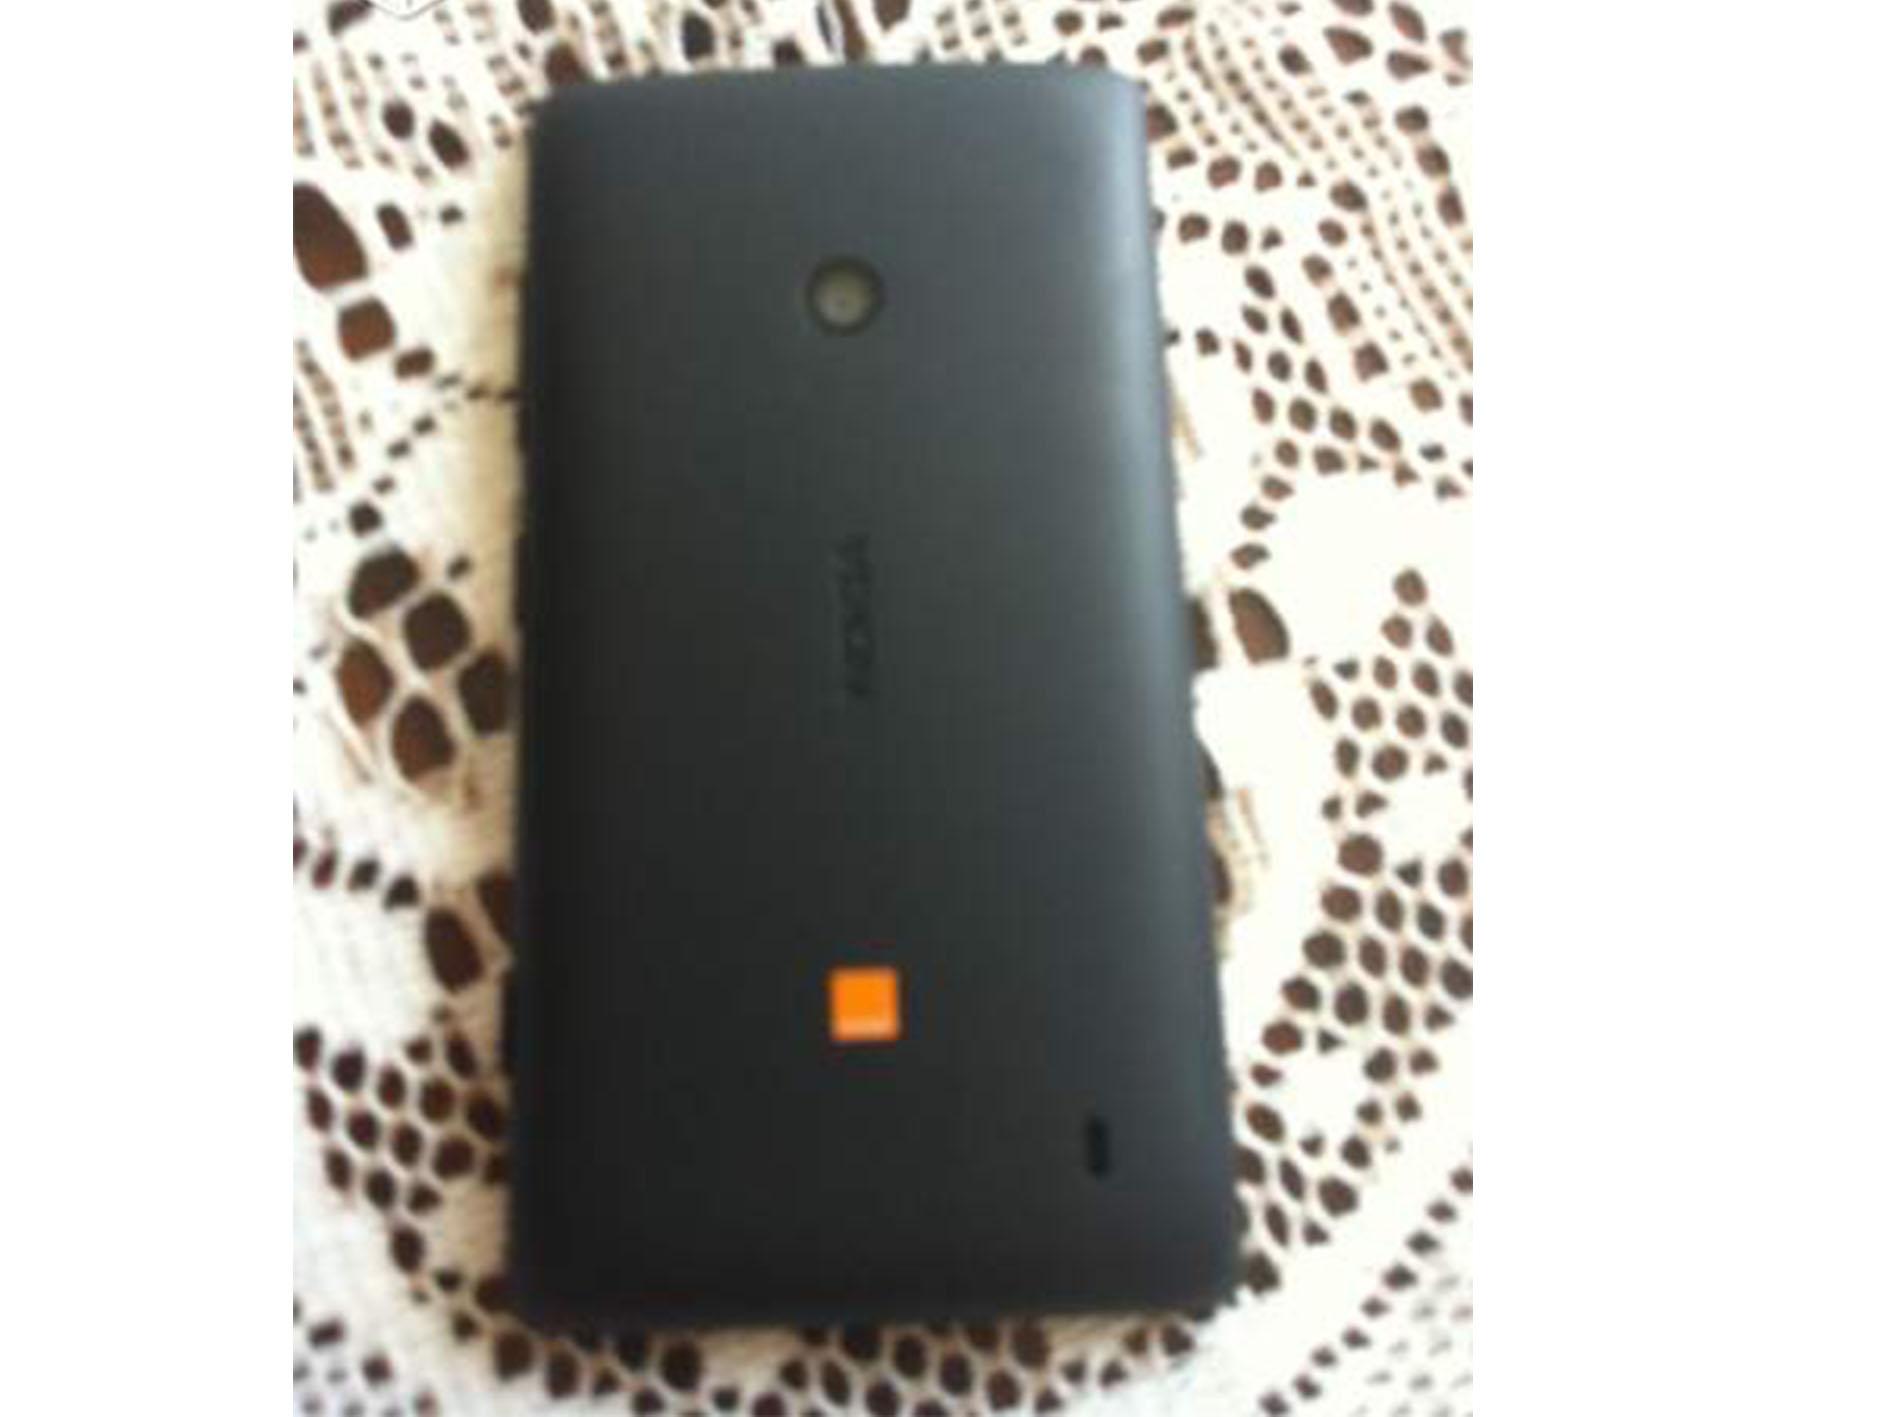 Téléphone Nokis Lumia 520 à donner